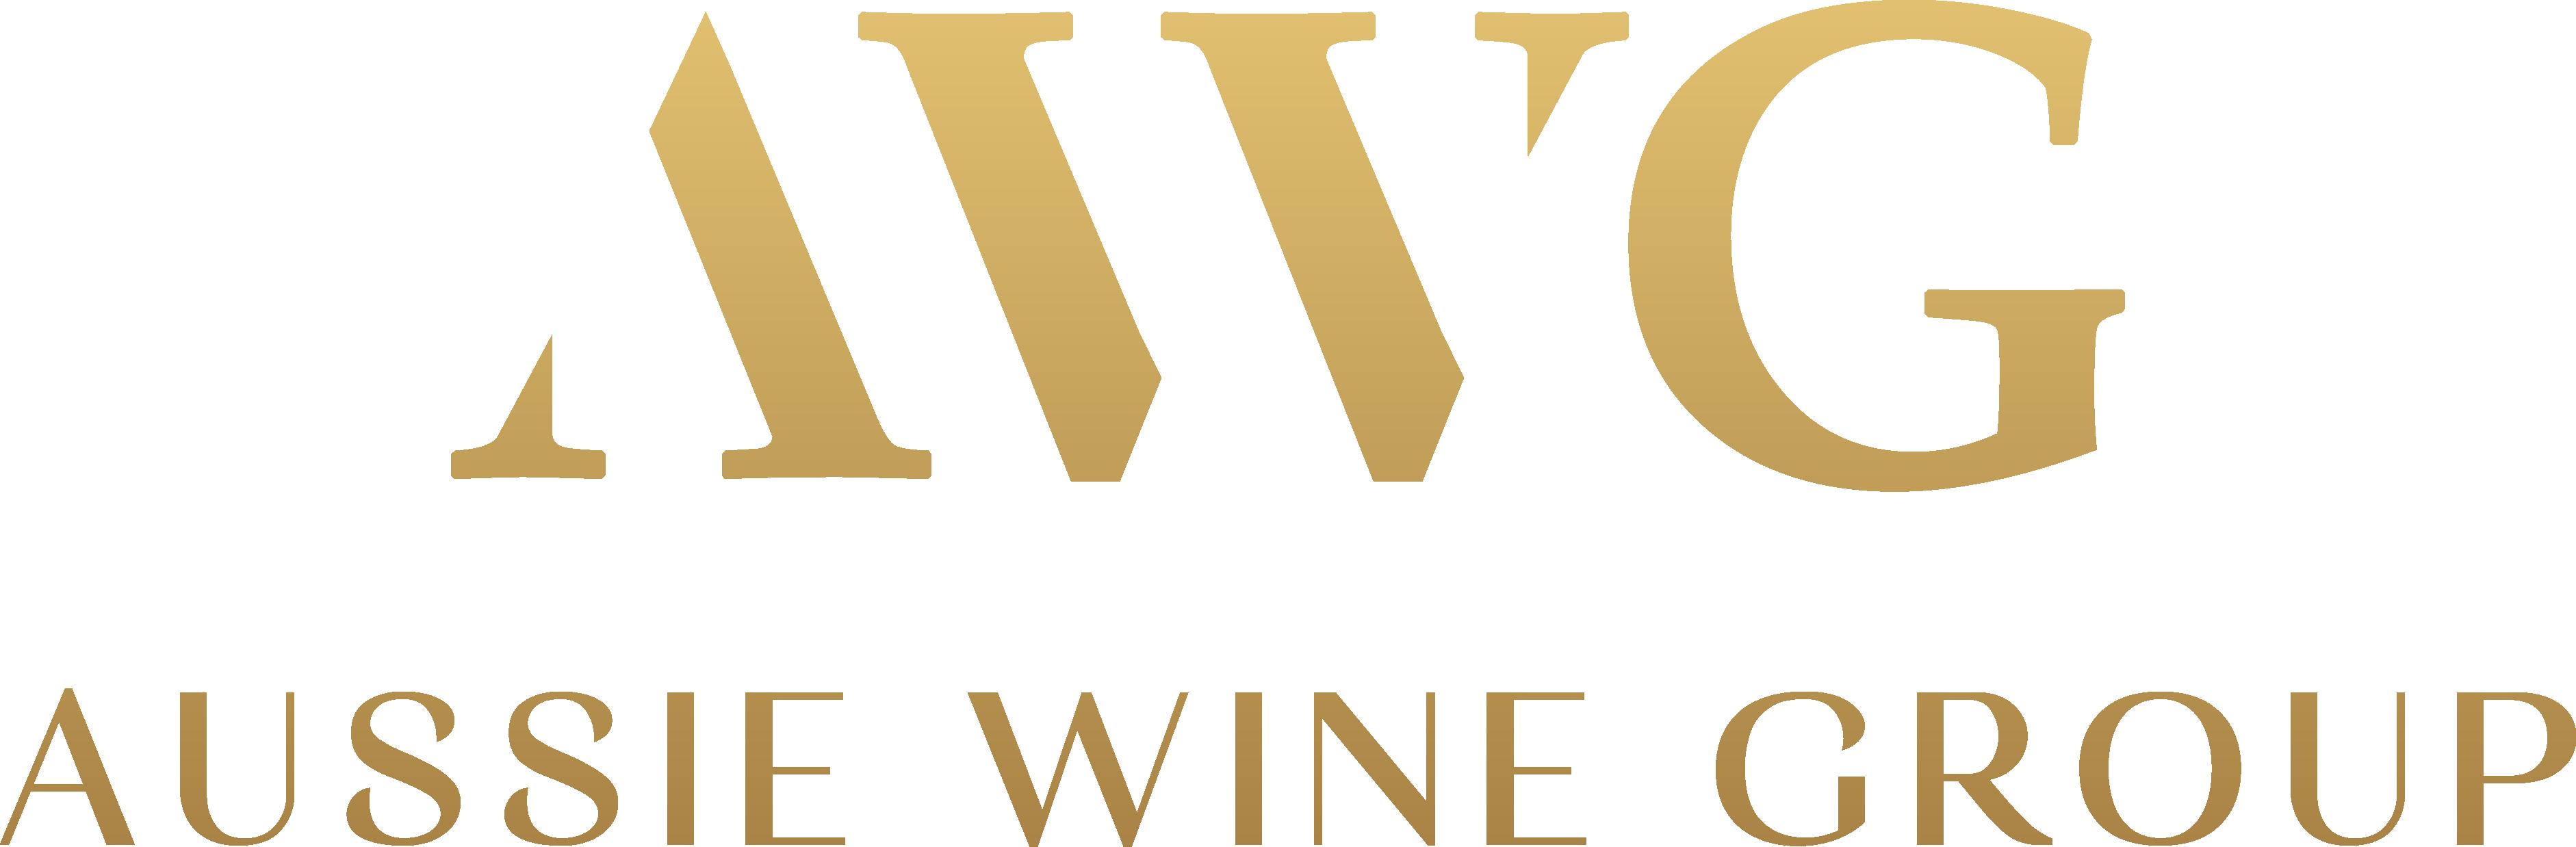 Aussie Wine Group